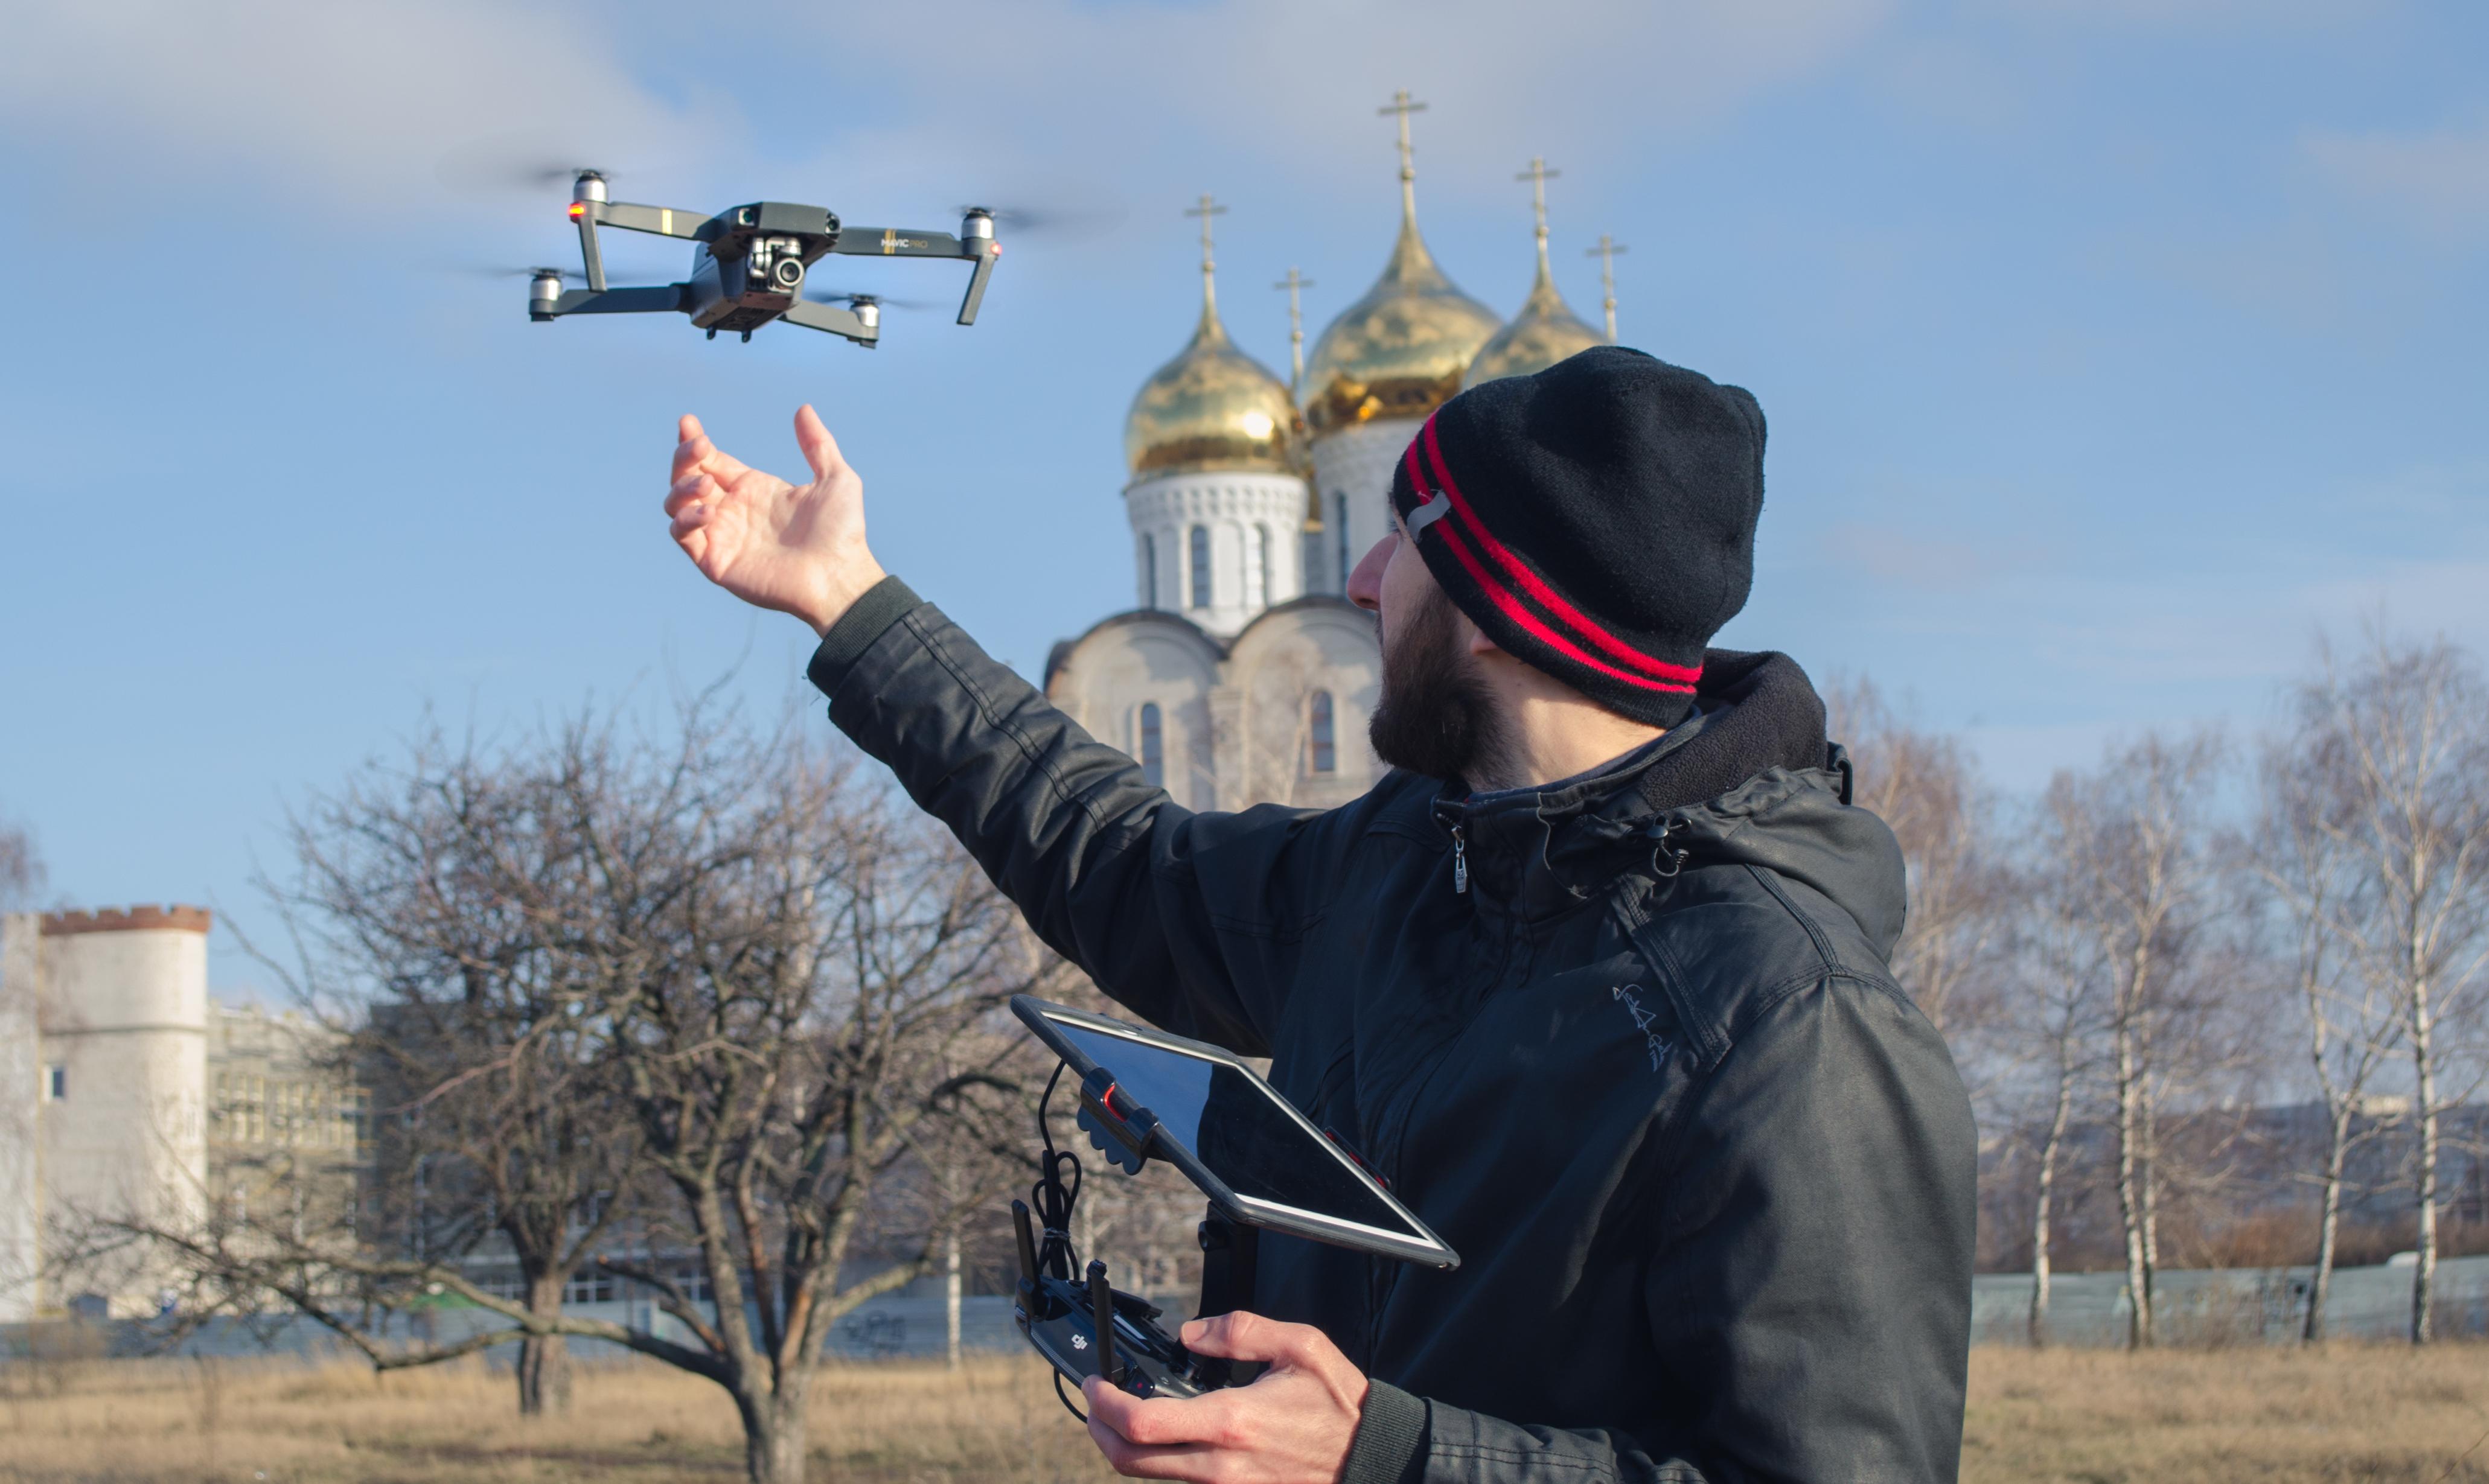 mavic pro, best travel drone, mavic pro vs mavic air, traveling with drone, drone backpacking, mavic pro travel